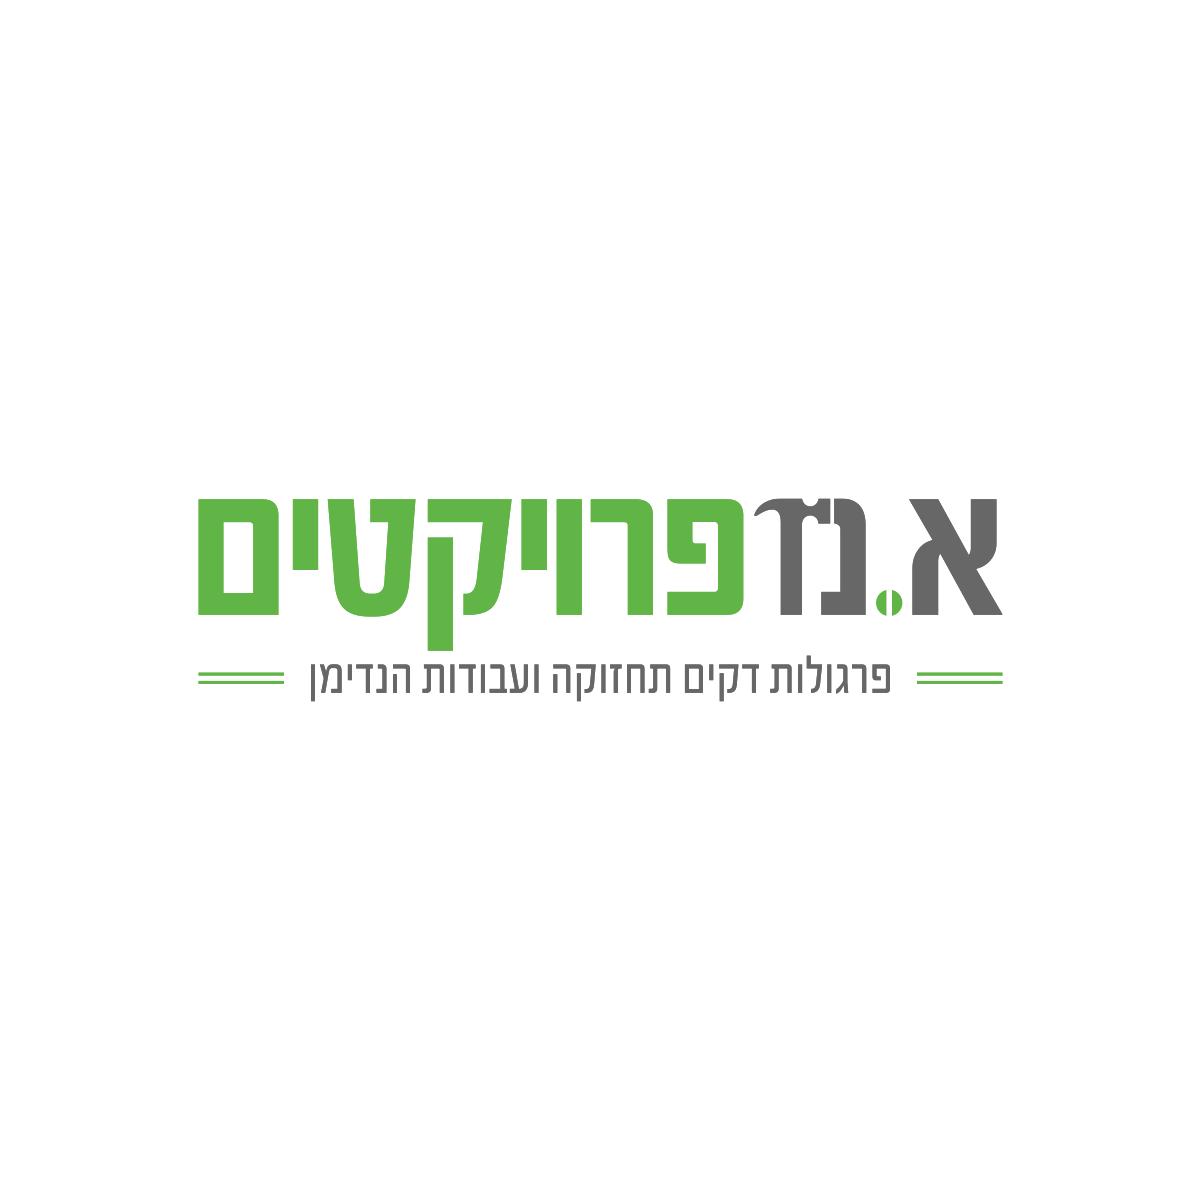 עיצוב לוגו לבונה פרגולות